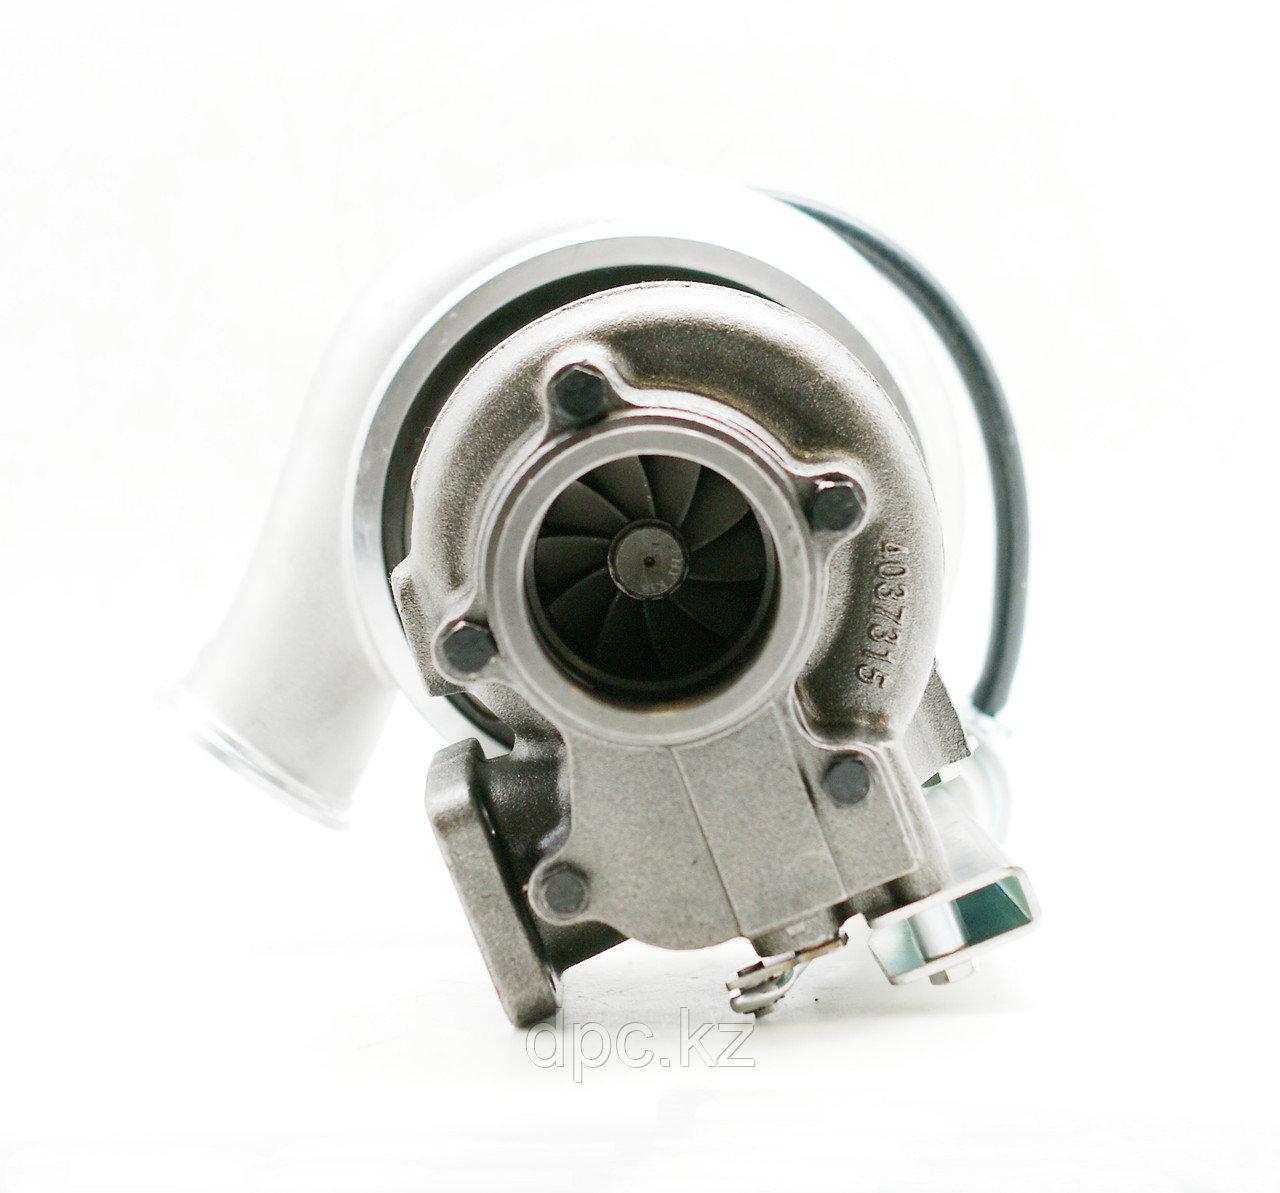 Турбокомпрессор HX351W FCEC для двигателя Cummins 6ISBe 6.7 4043980 4043982 - фото 4